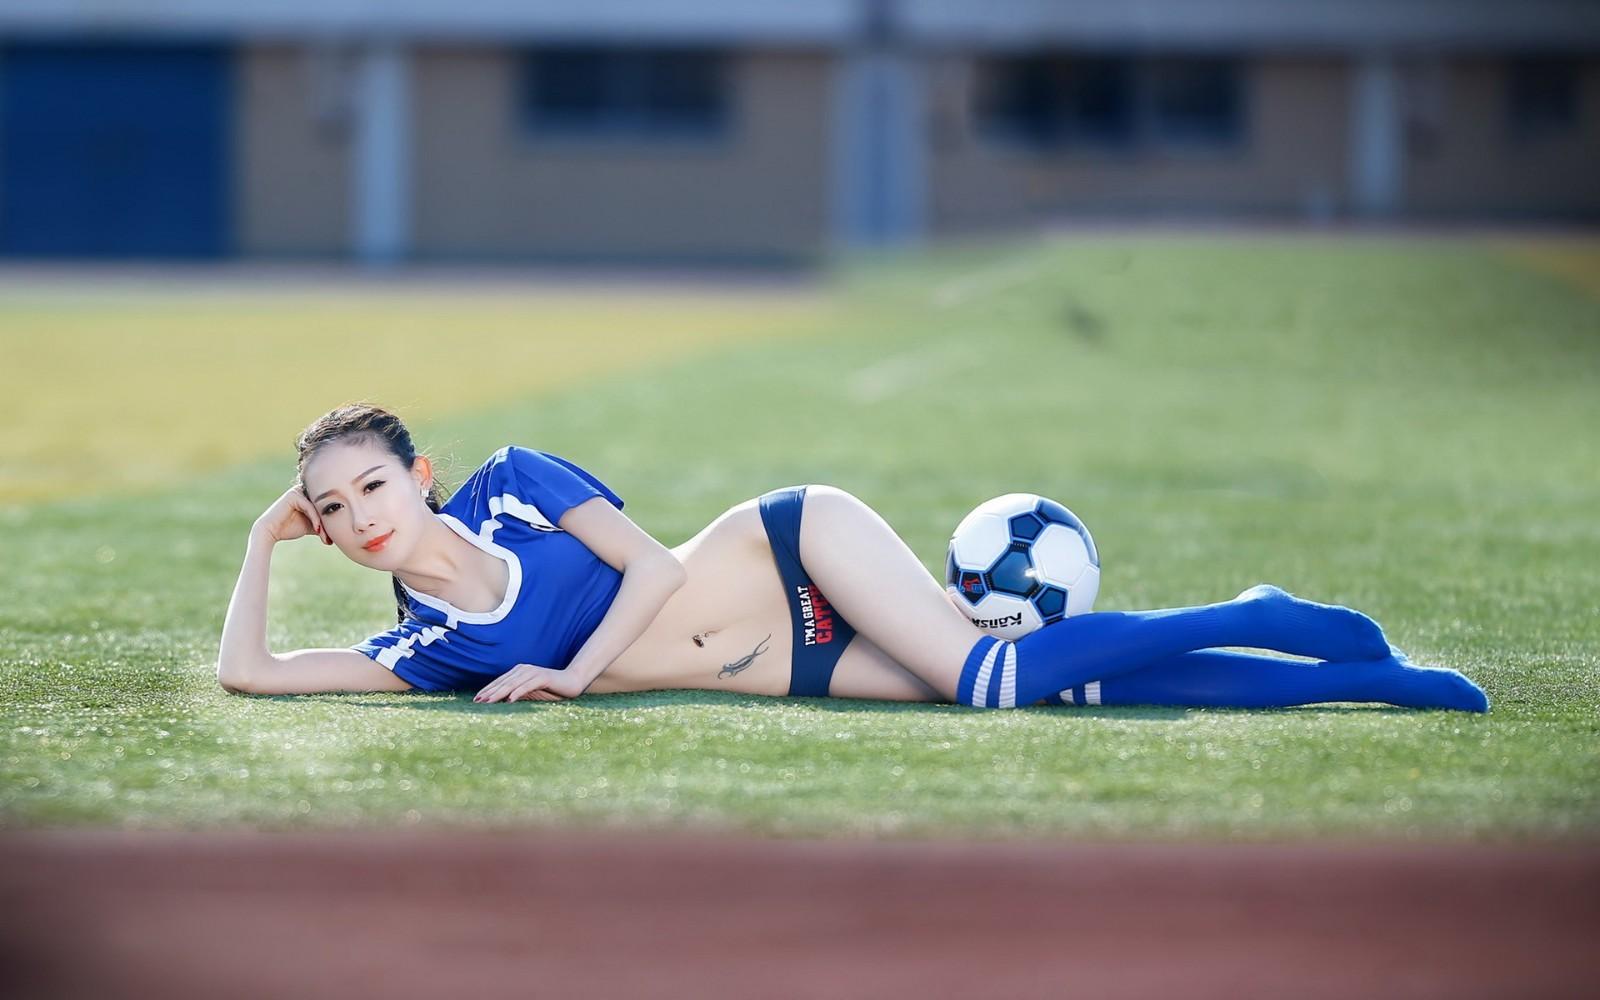 美女足球宝贝壁纸 性感火辣足球宝贝